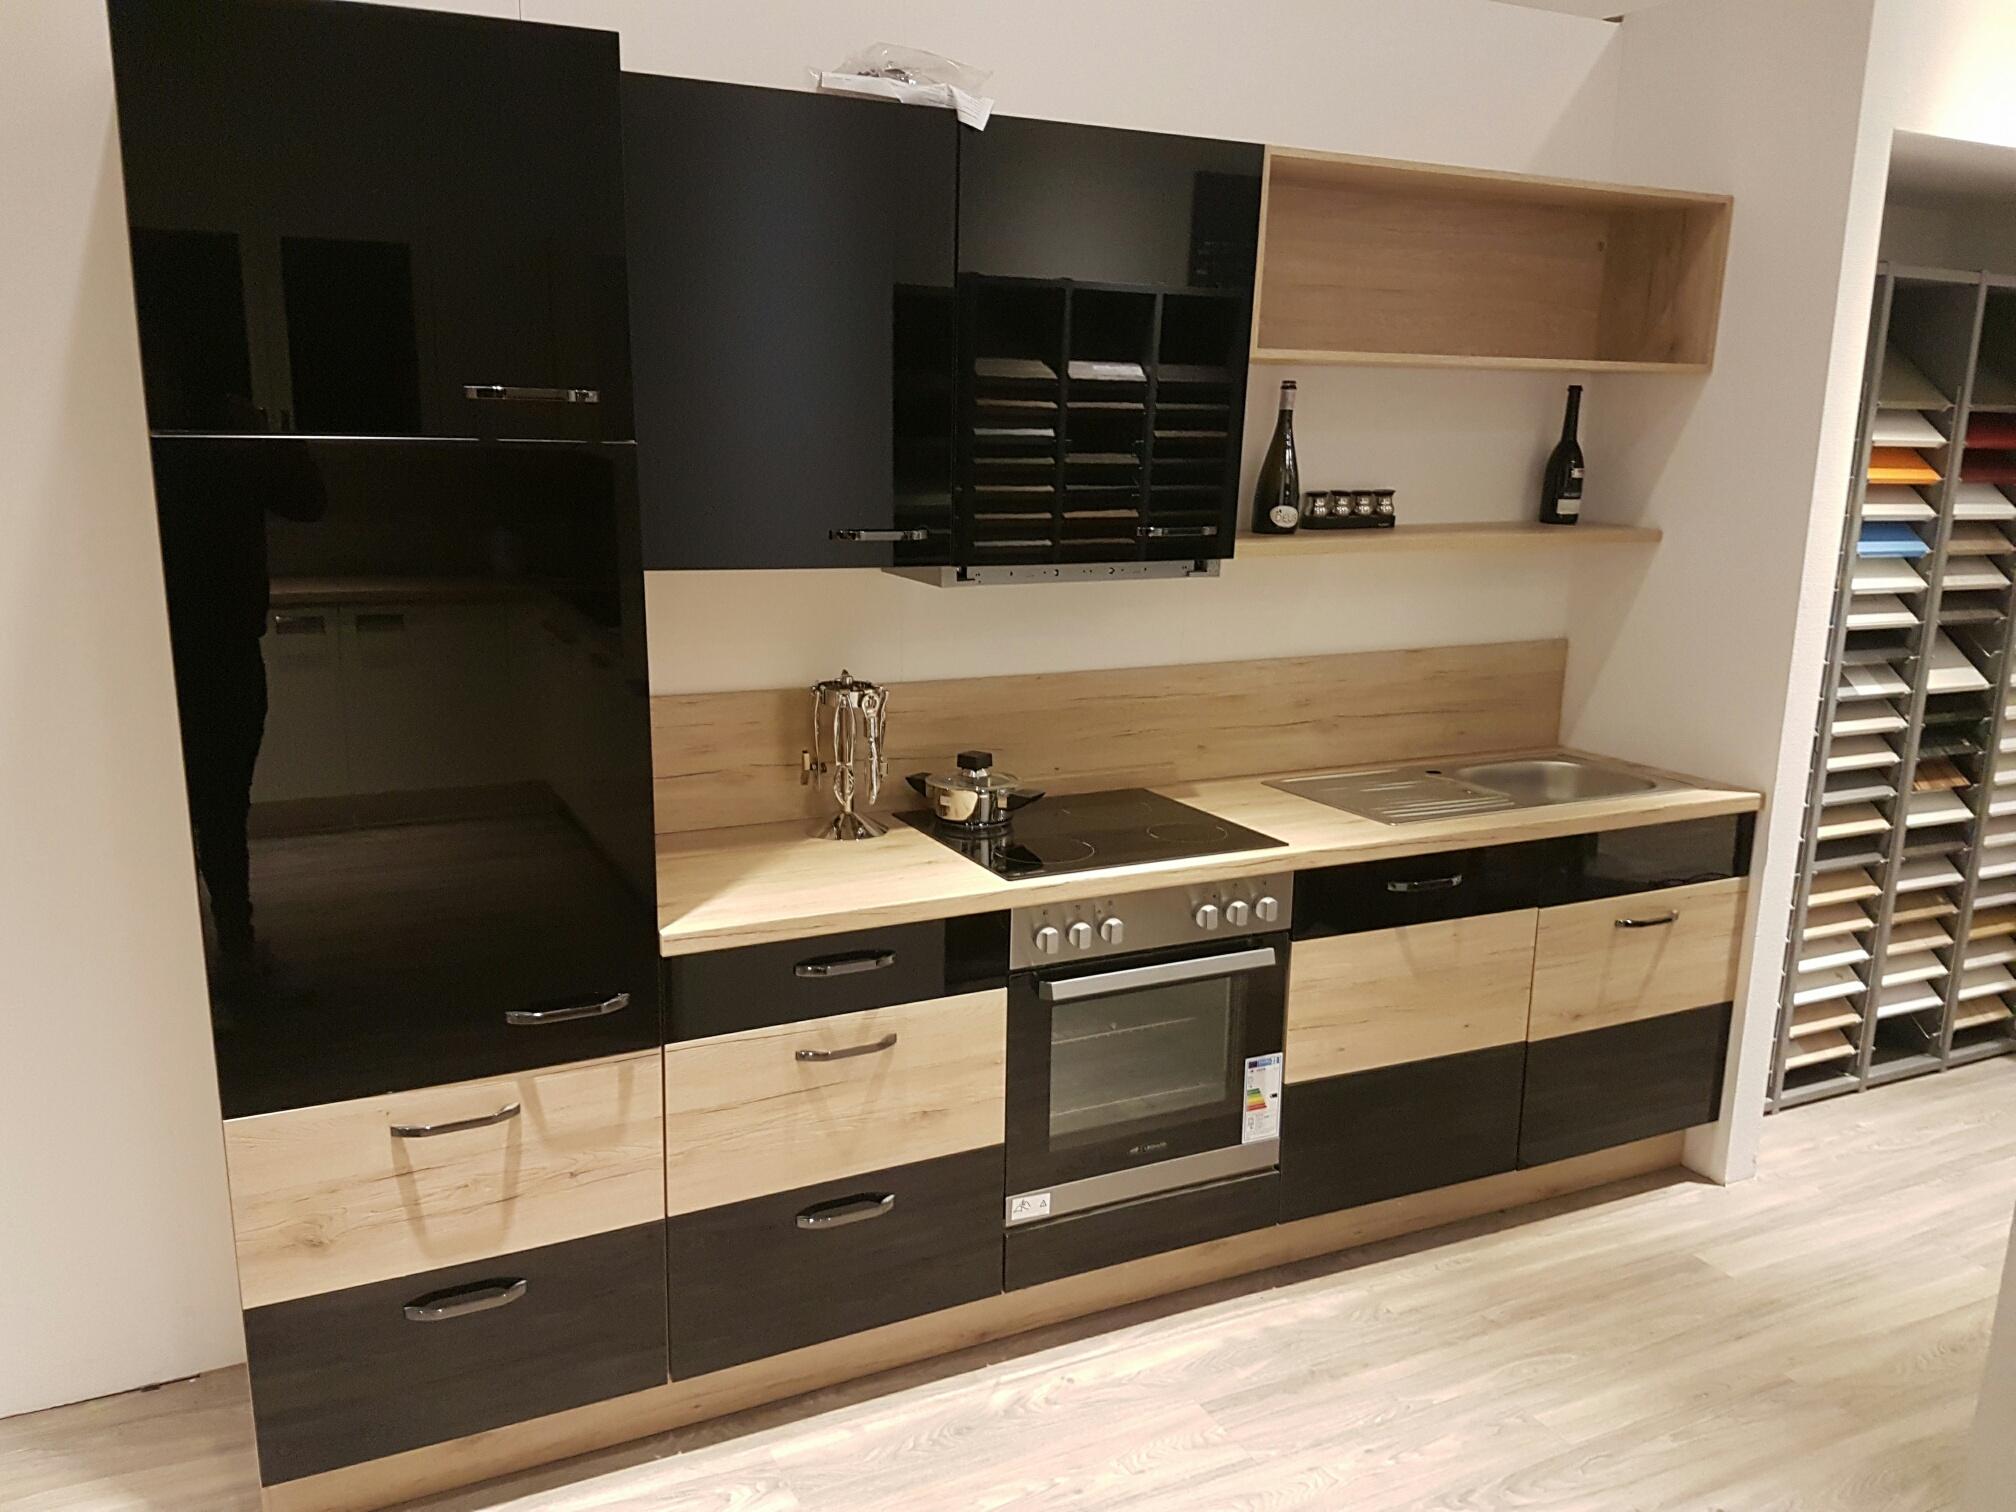 Küchenfronten Neu Beschichten: House